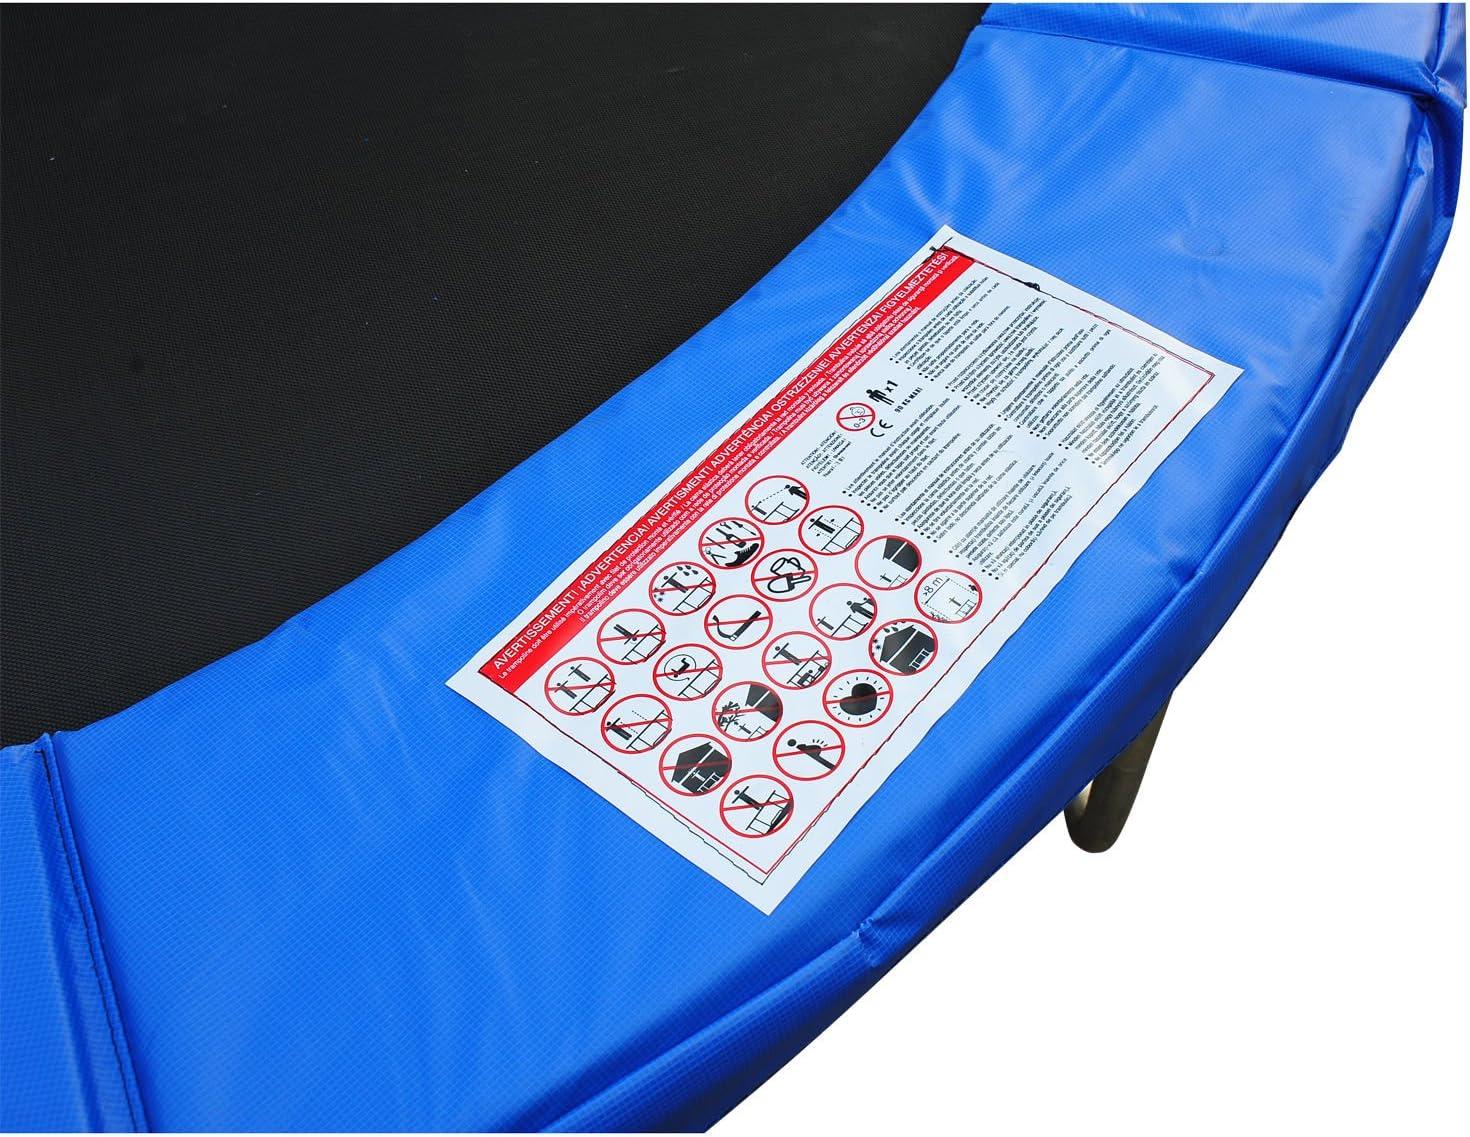 Φ8ft Trampoline Pad Spring Safety Replacement Gym Bounce Jump Cover EPE Foam